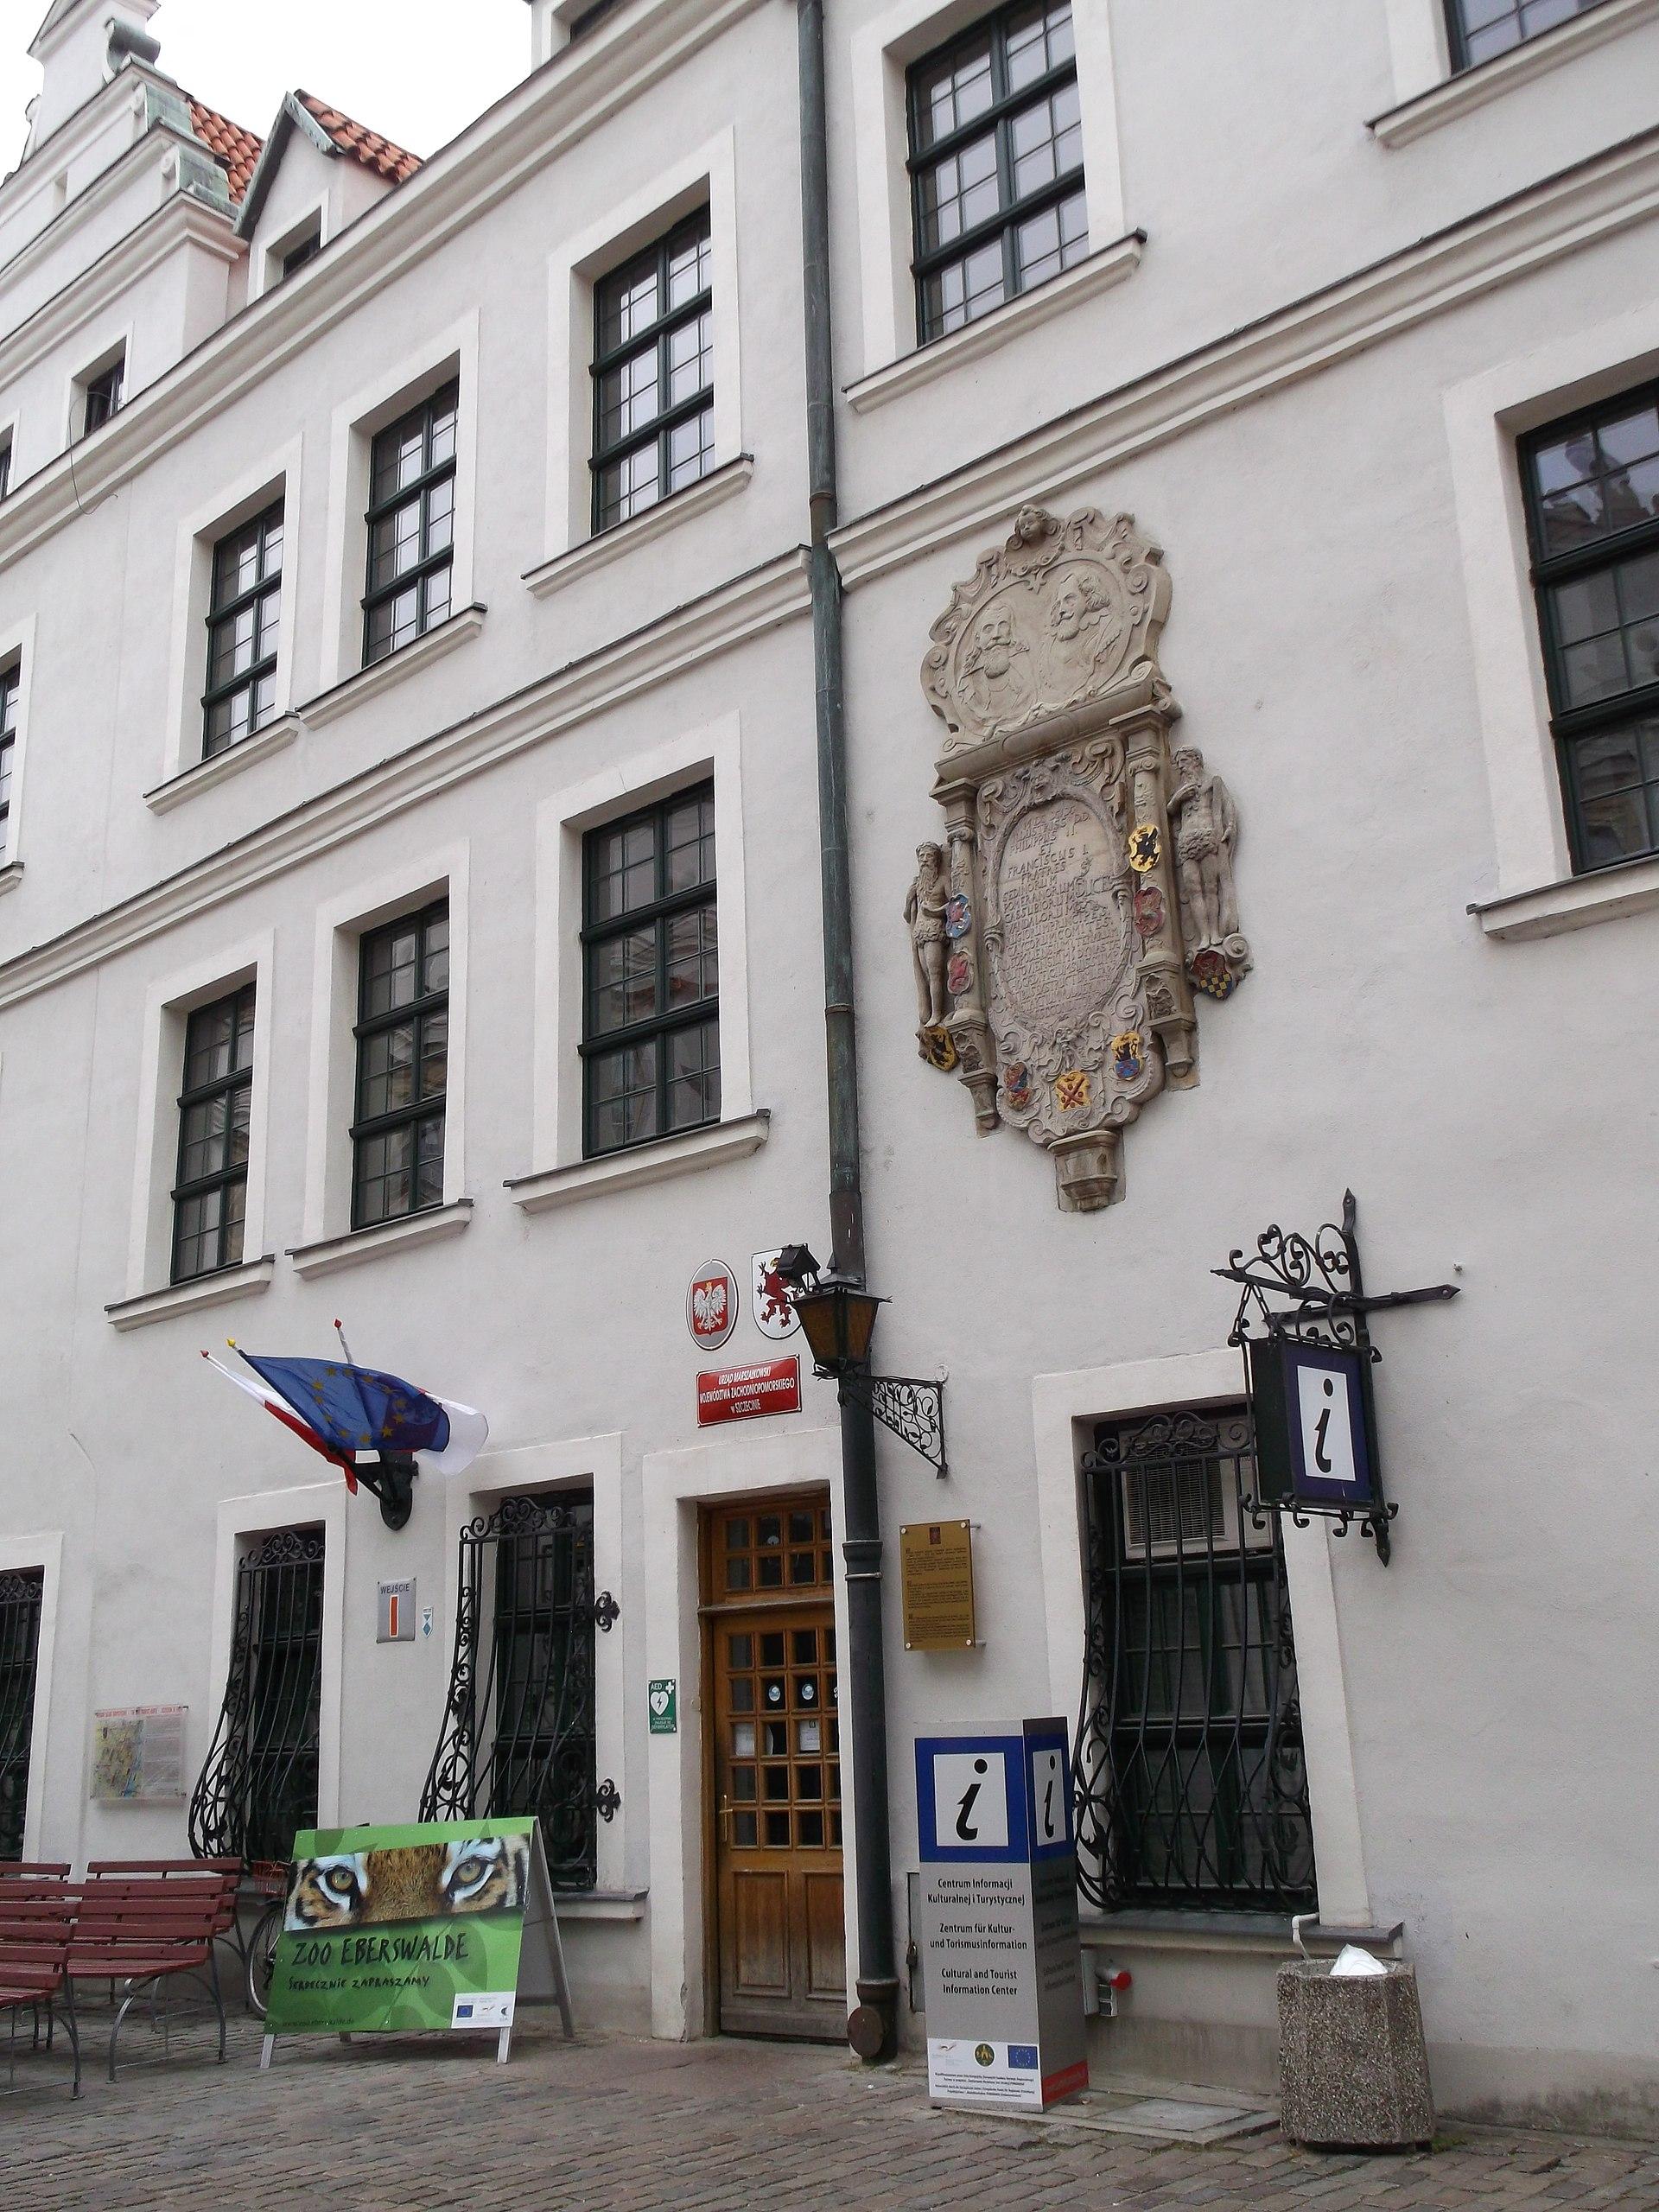 Oficina de turismo wikipedia la enciclopedia libre - Oficina de turismo paris ...